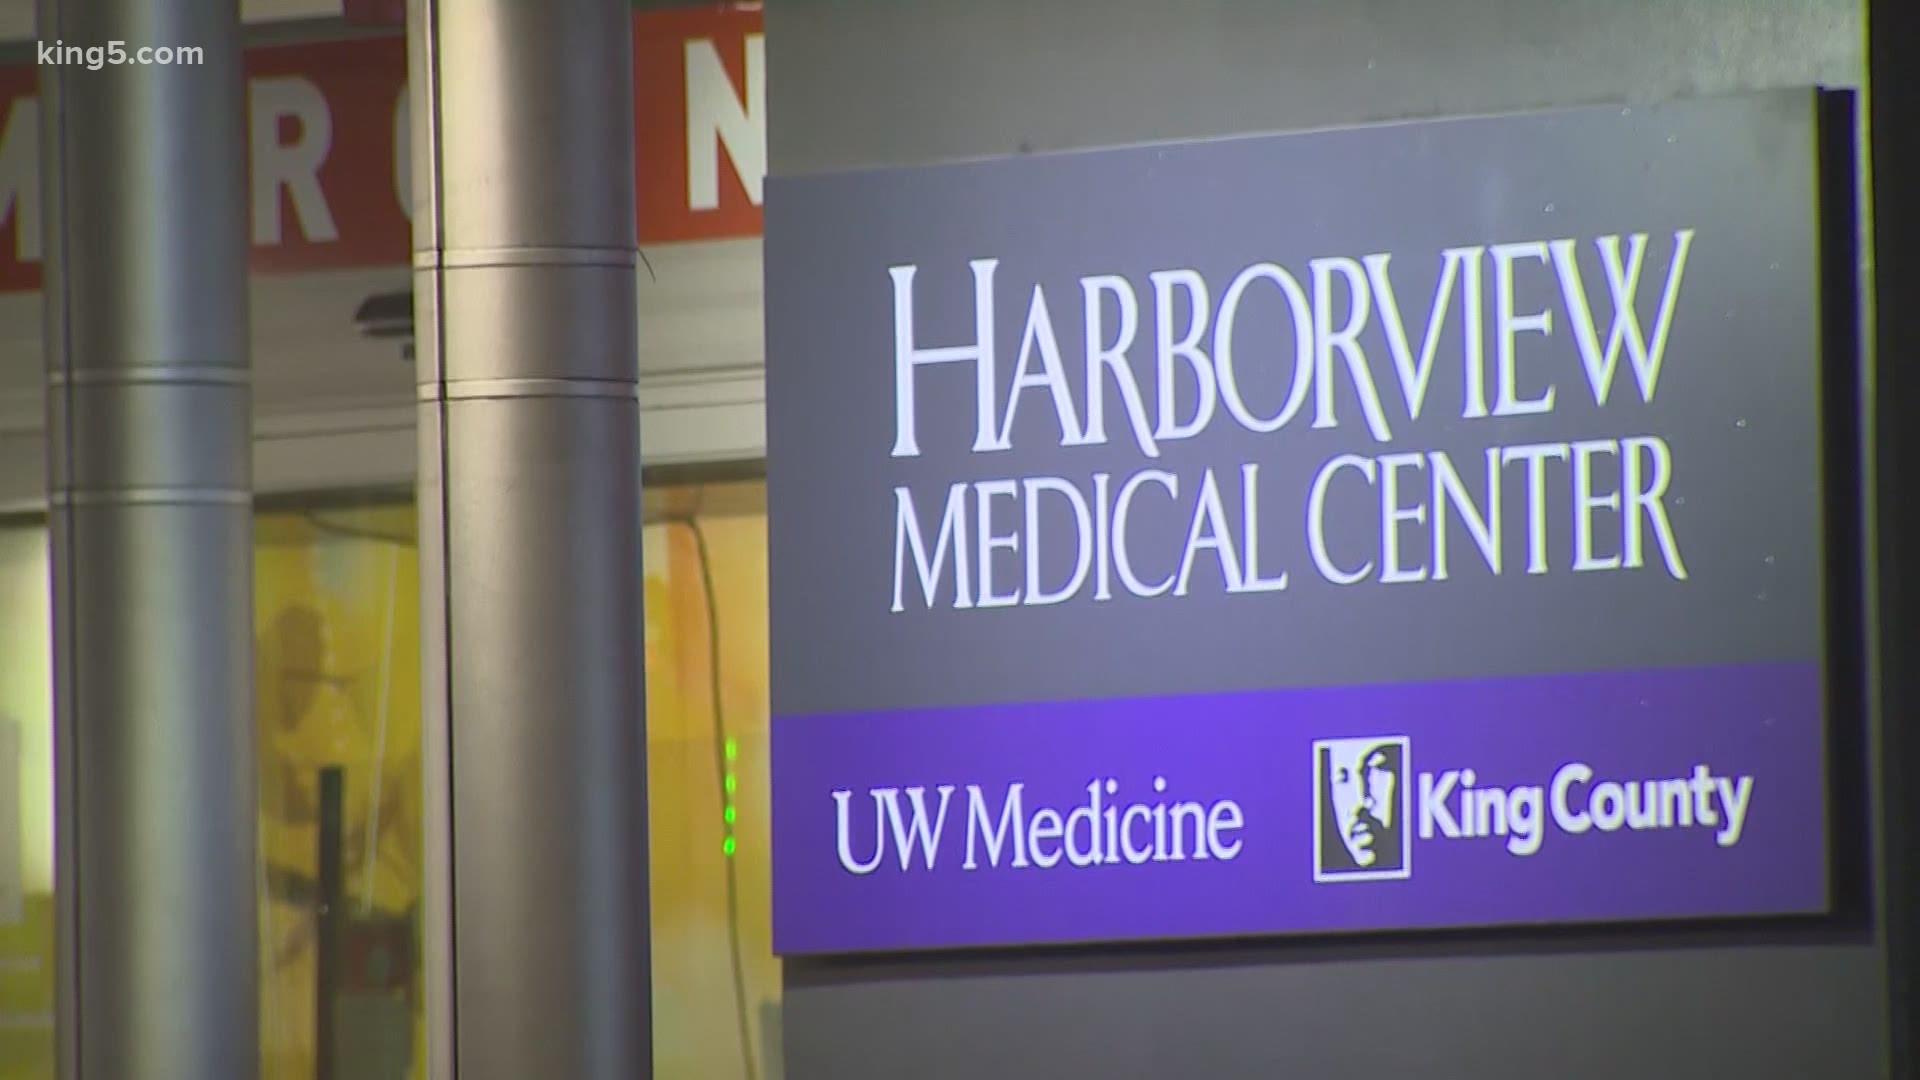 新冠病毒在華盛頓州人口最多的金縣廣泛蔓延,官方報告表示,社交活動轉趨頻繁是個案大增的主因。    電視屏幕截圖